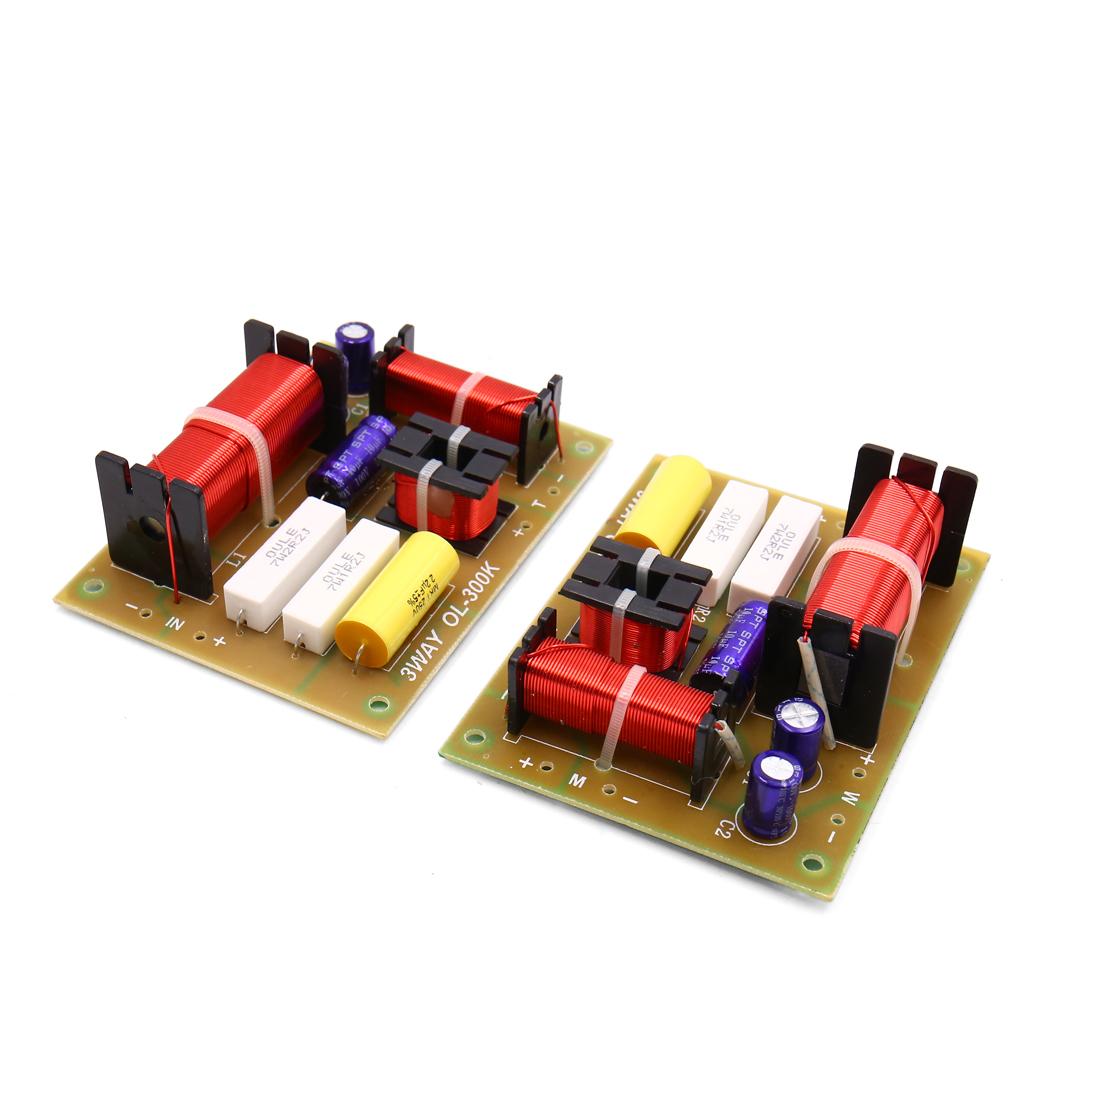 2pcs 180W 4-8ohms 3 voie audio haut-parleur filtre Aplifier diviseur fréquence - image 1 de 1